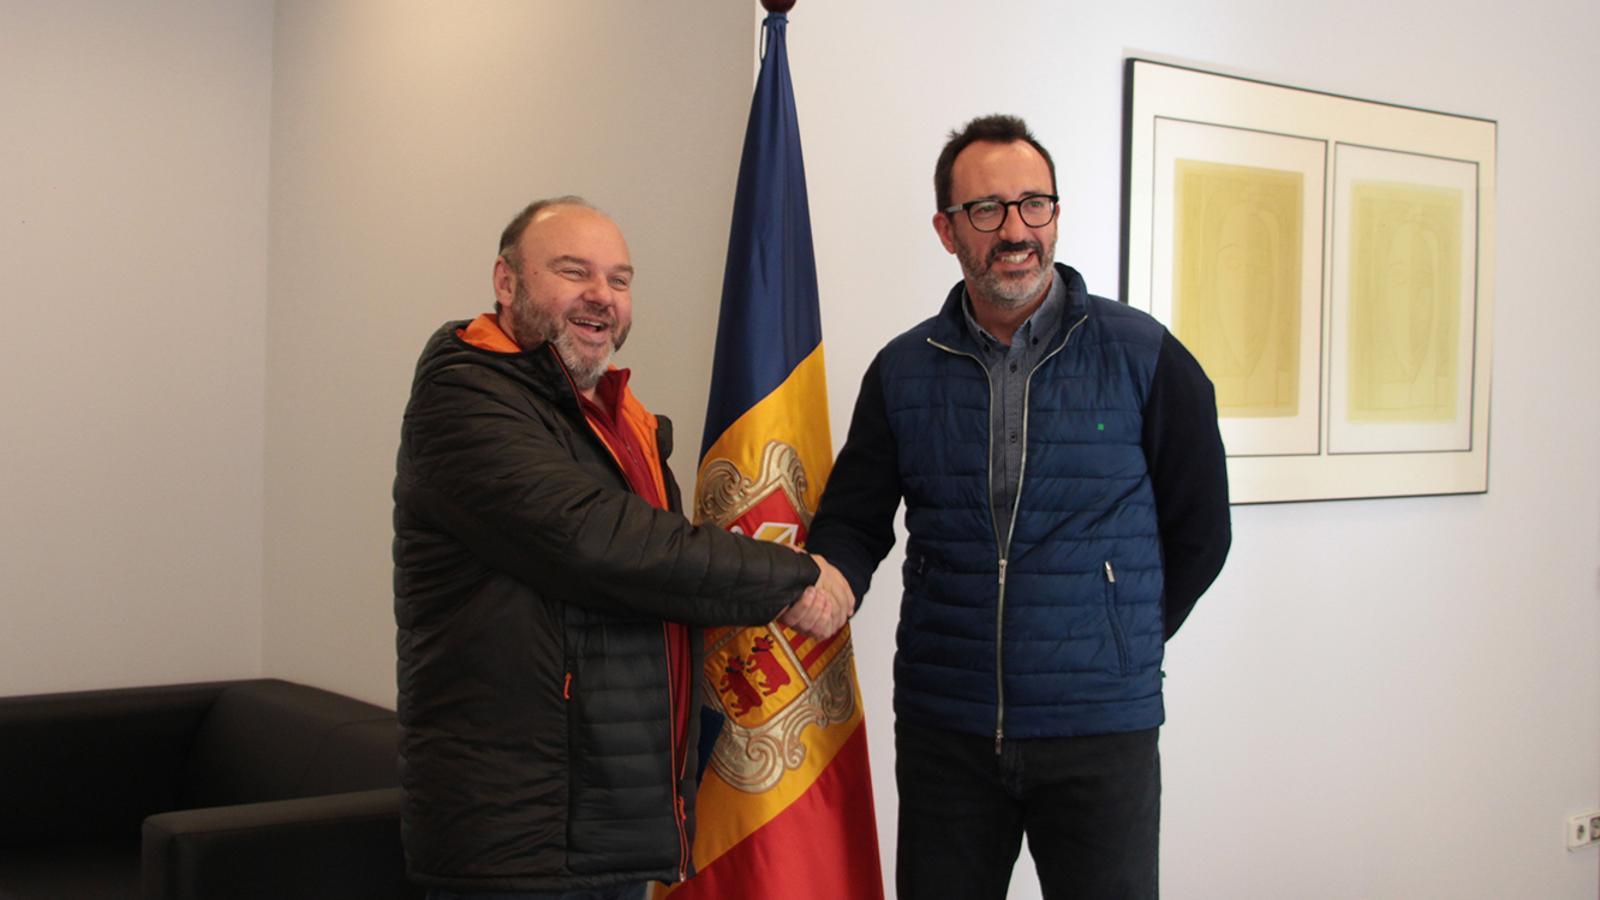 Un moment de la trobada entre el ministre d'Afers Socials, Habitatge i Joventut, Víctor Filloy, amb el secretari general de l'USdA, Gabriel Ubach. / M. F. (ANA)